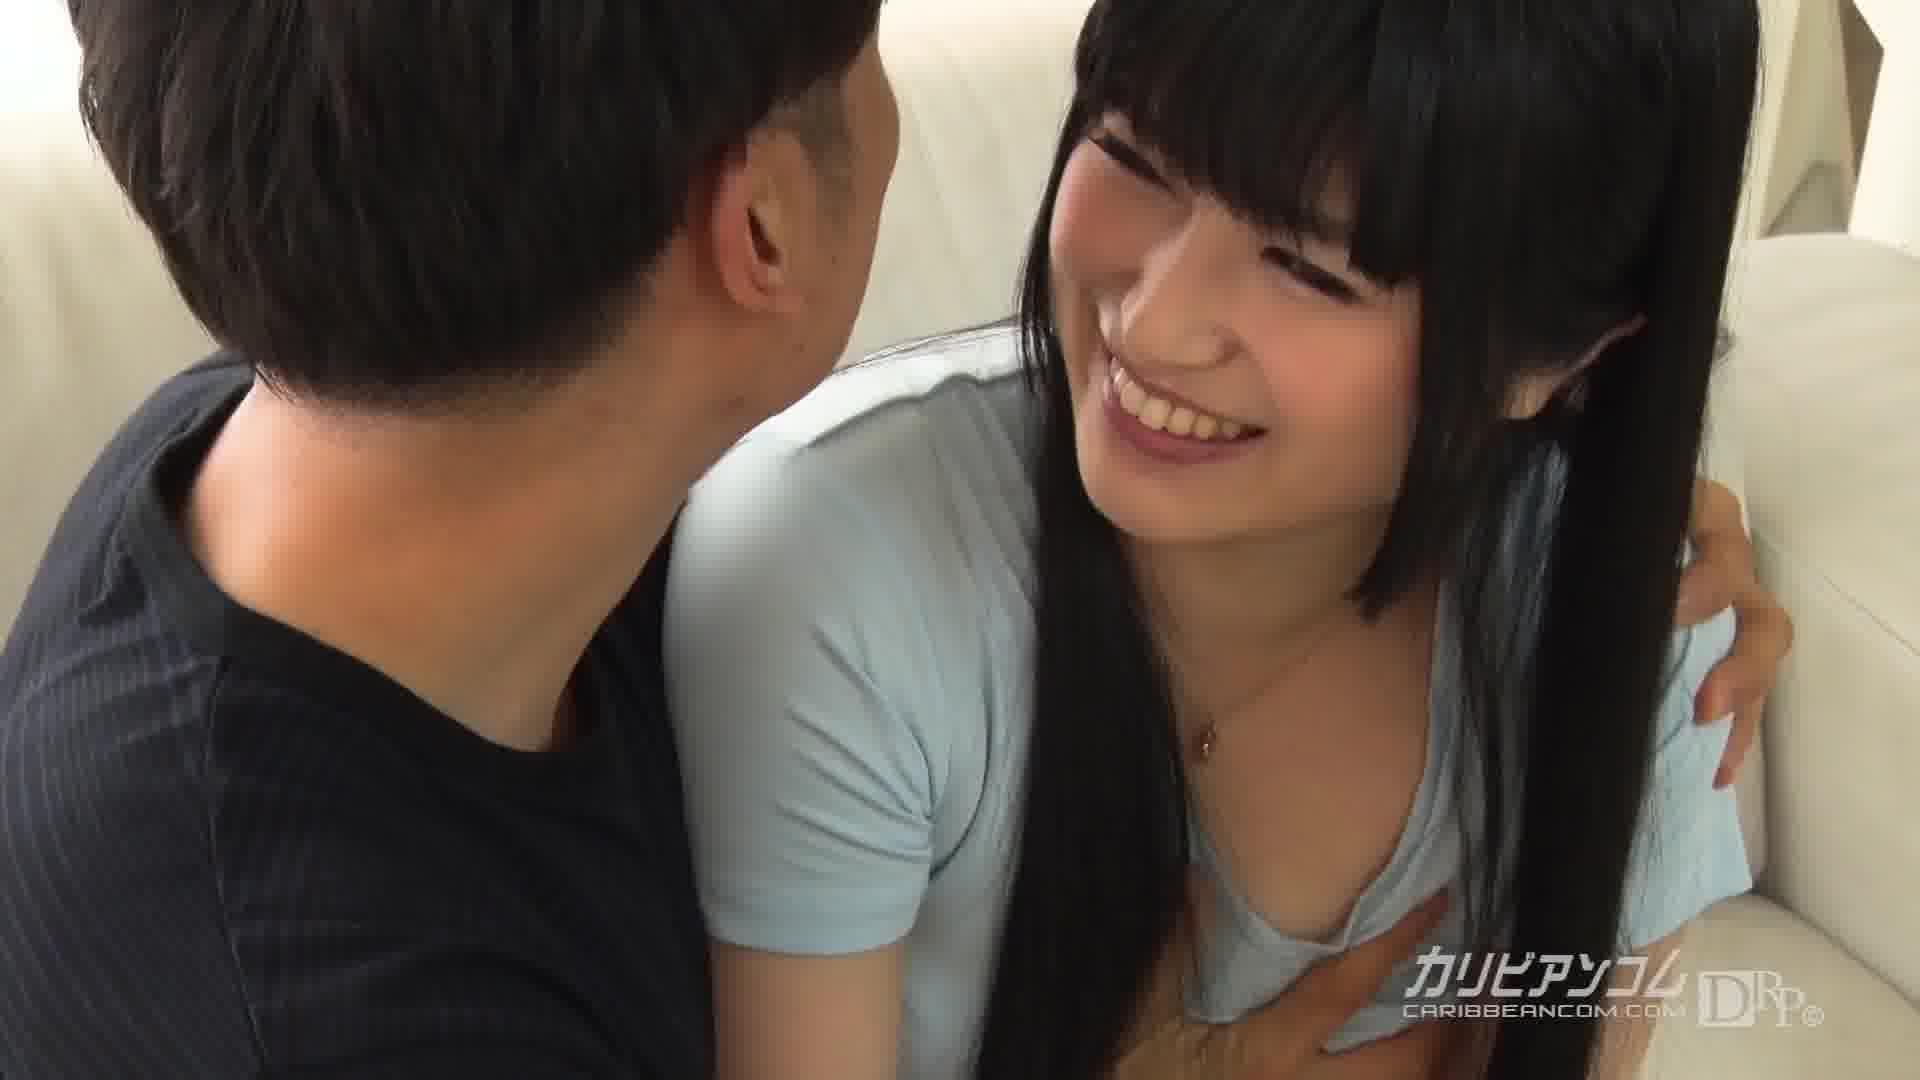 恋オチ ~ド新人のマジ照れマジ惚れ~ - 真鍋はるか【パイパン・微乳・中出し】